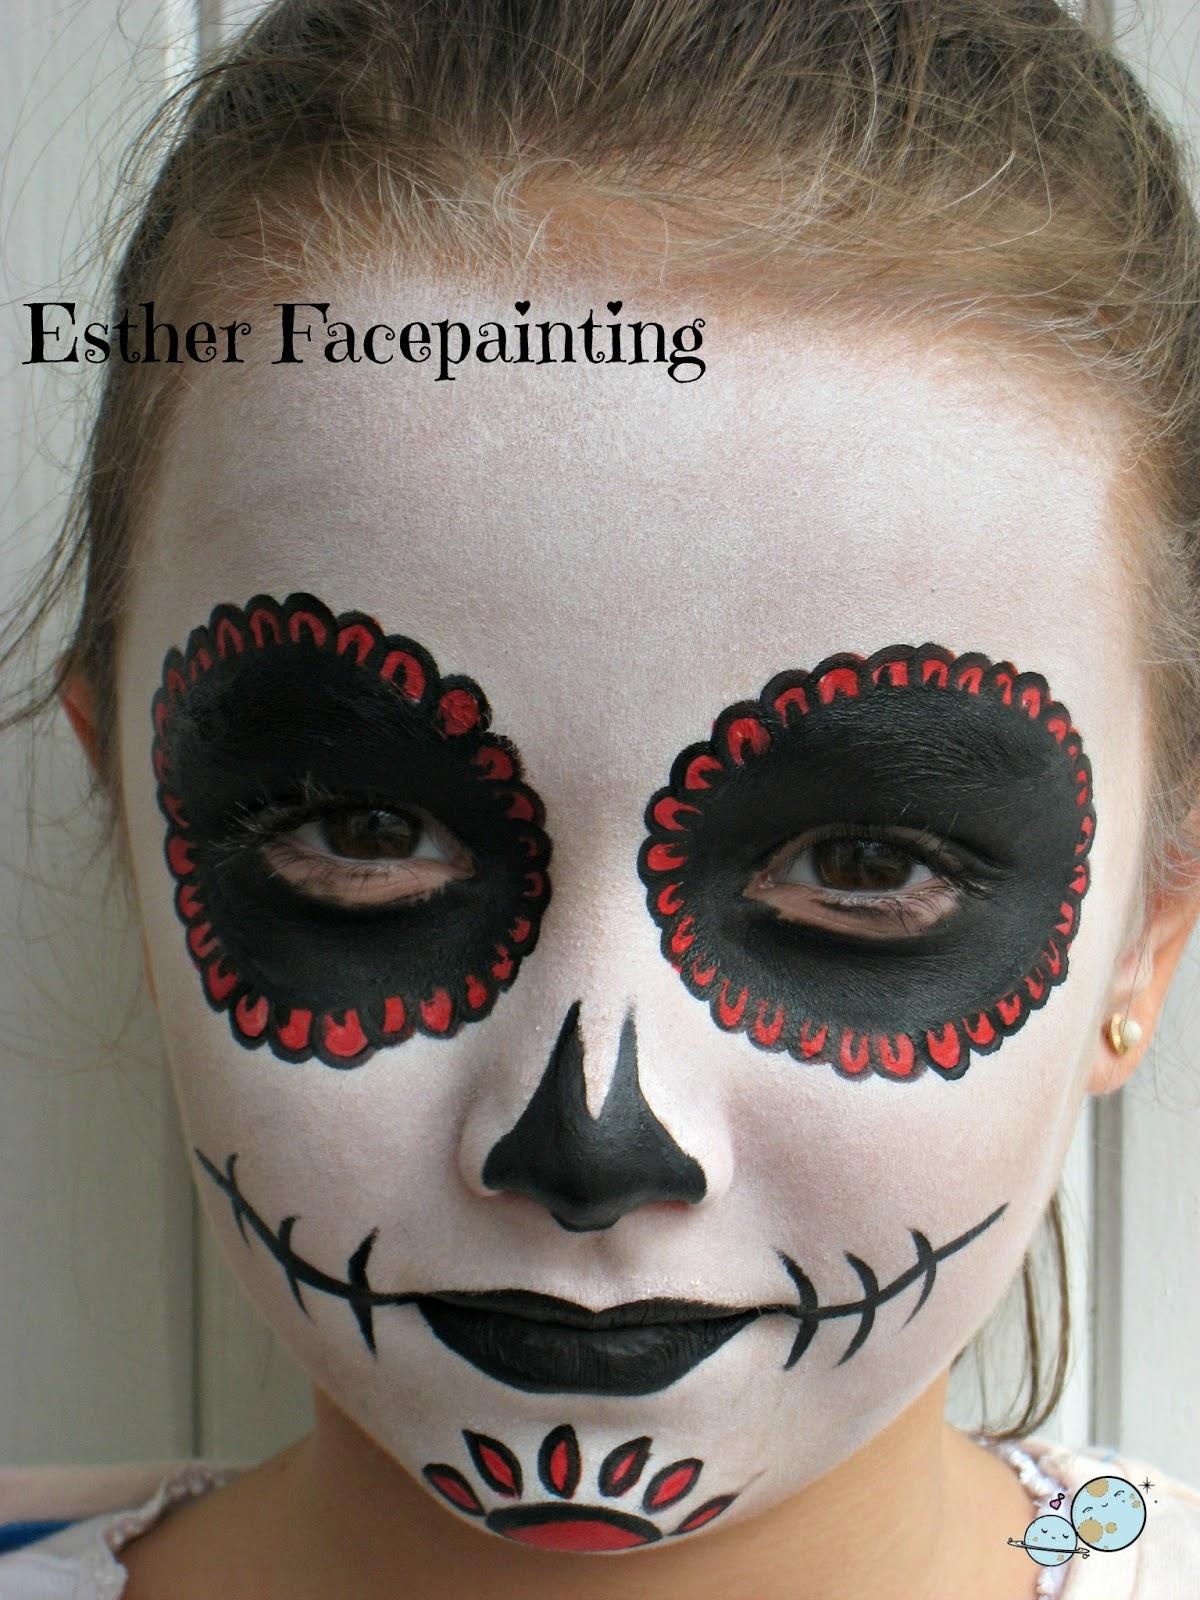 Ni os tutoriales de pintura de la cara and tutoriales on - Pinturas de cara para ninos ...